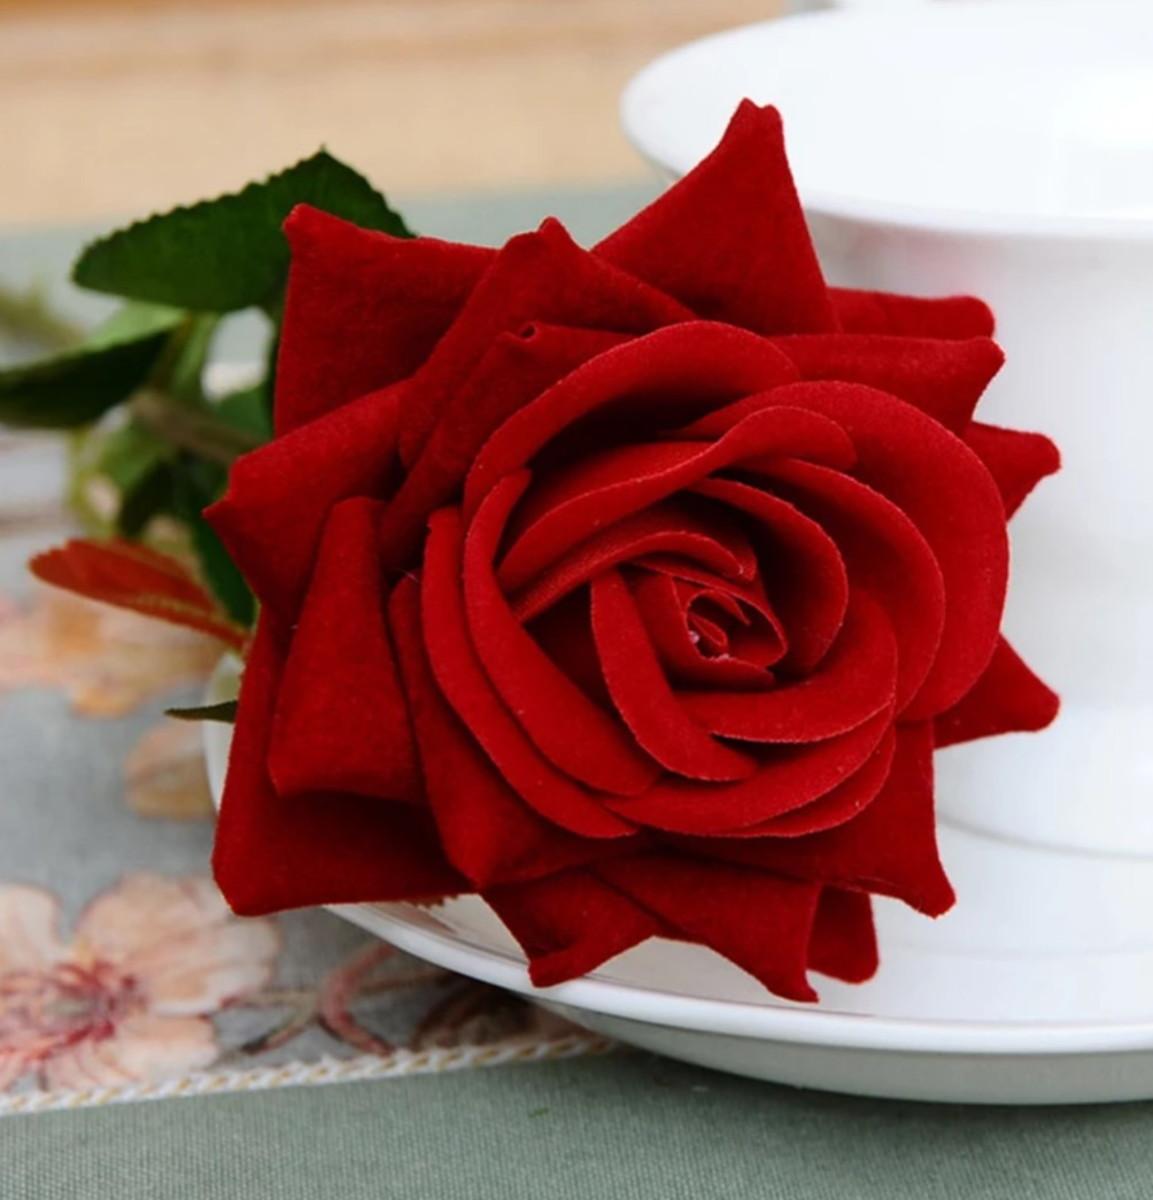 Rosa vermelha flor bonita — Fotografias de Stock ...  |Rosa Flor Vermelha